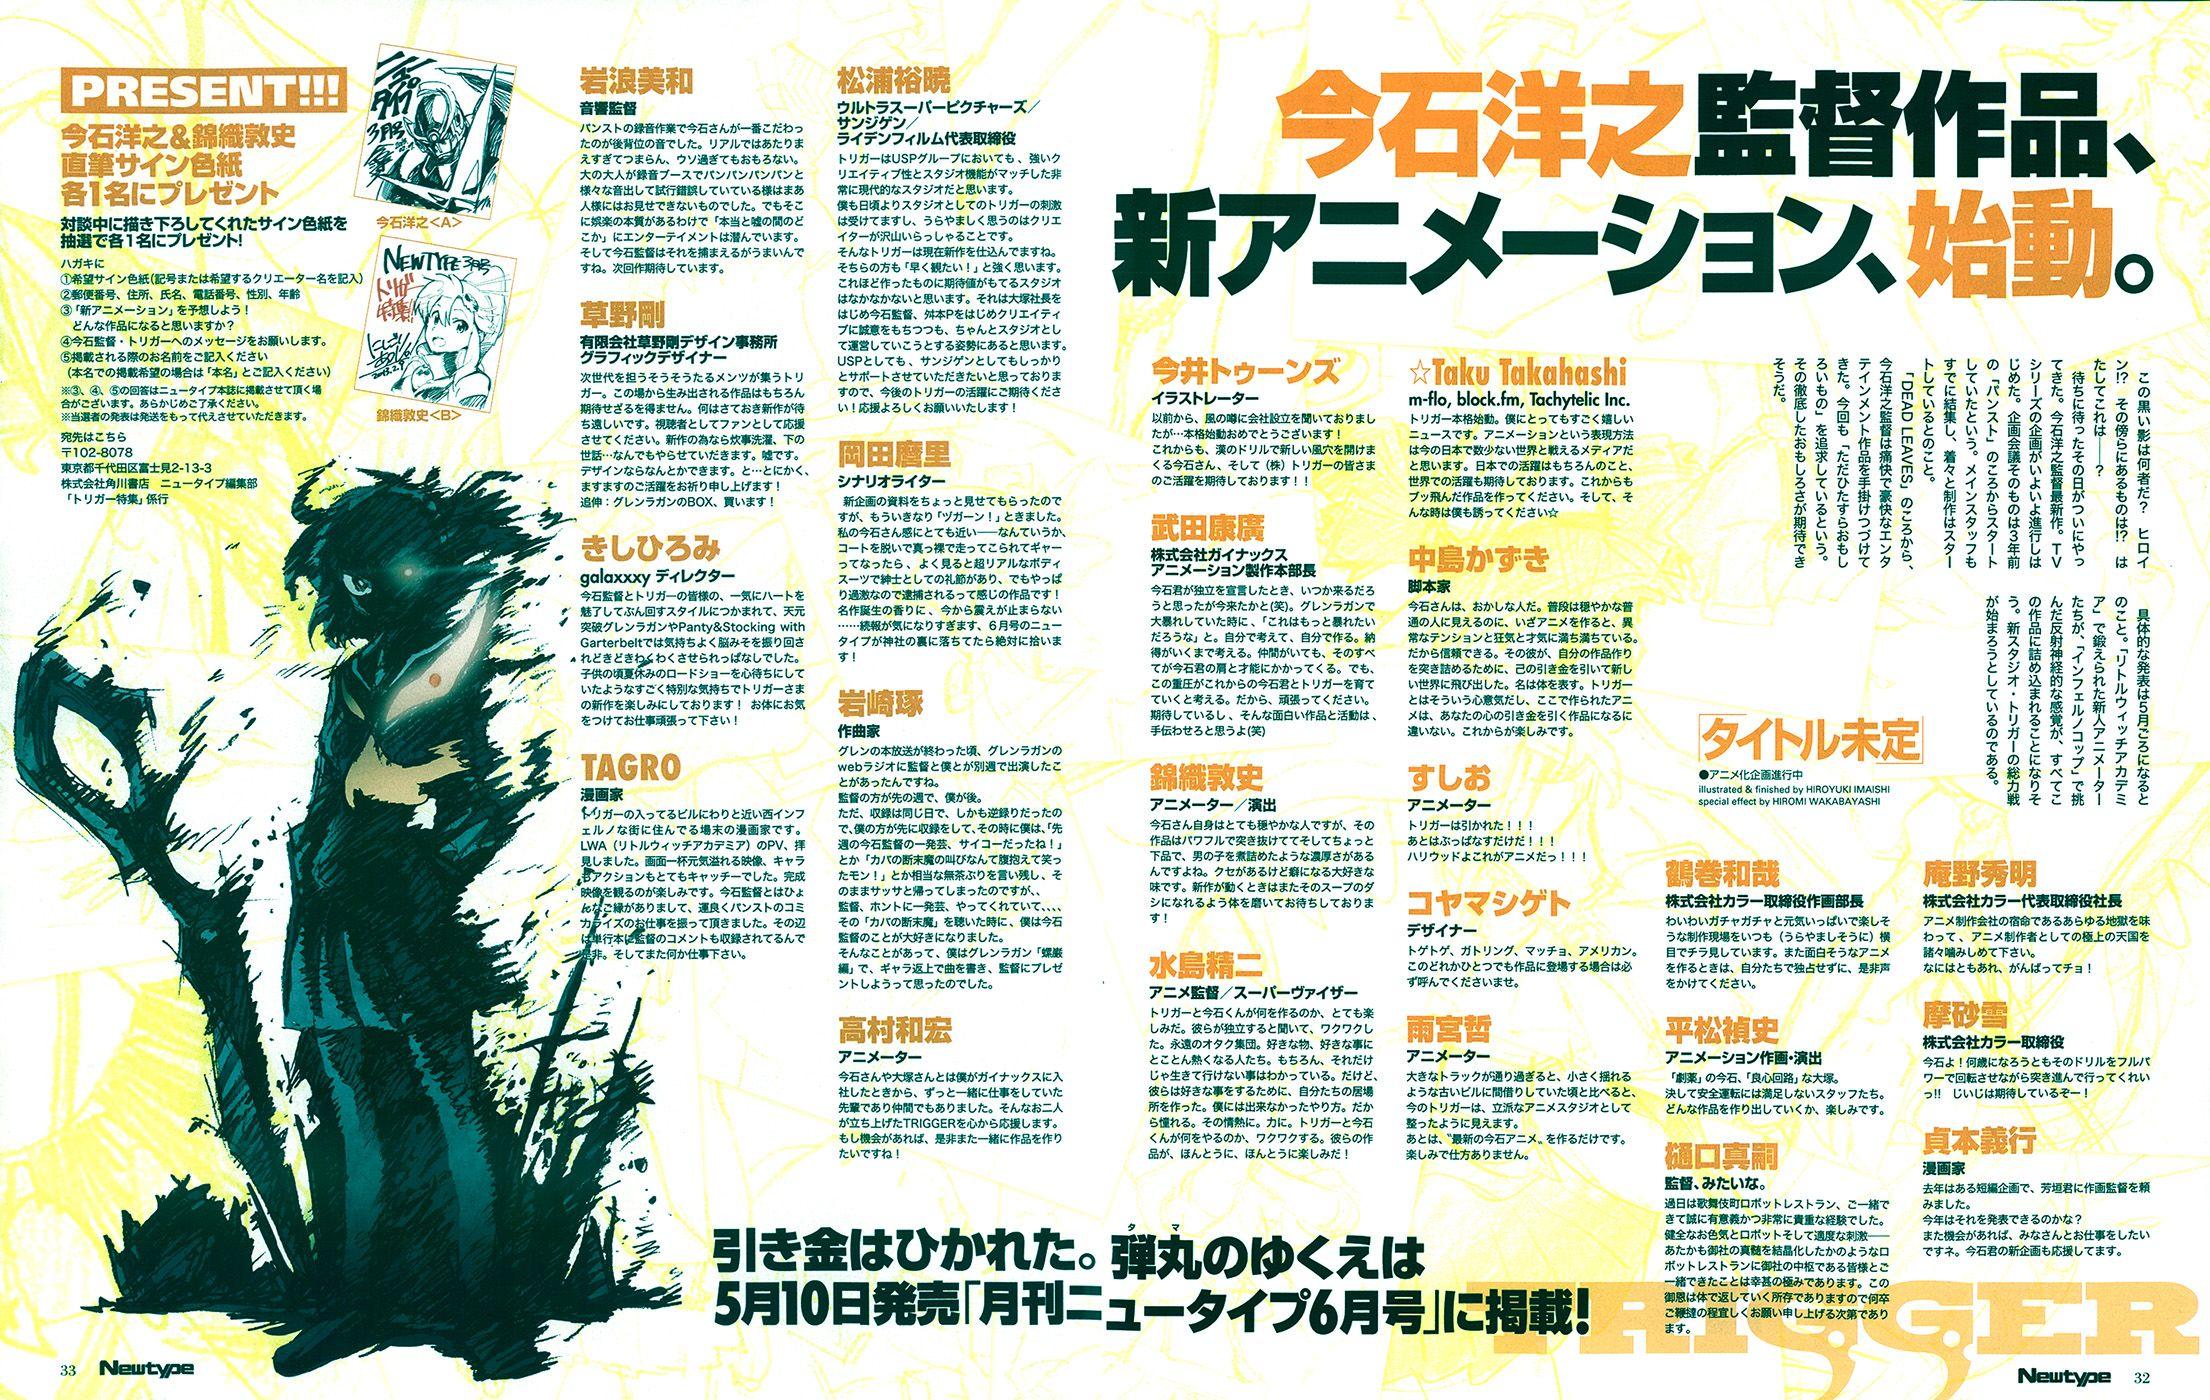 Новый проект от Хироюки Имаиши и Trigger